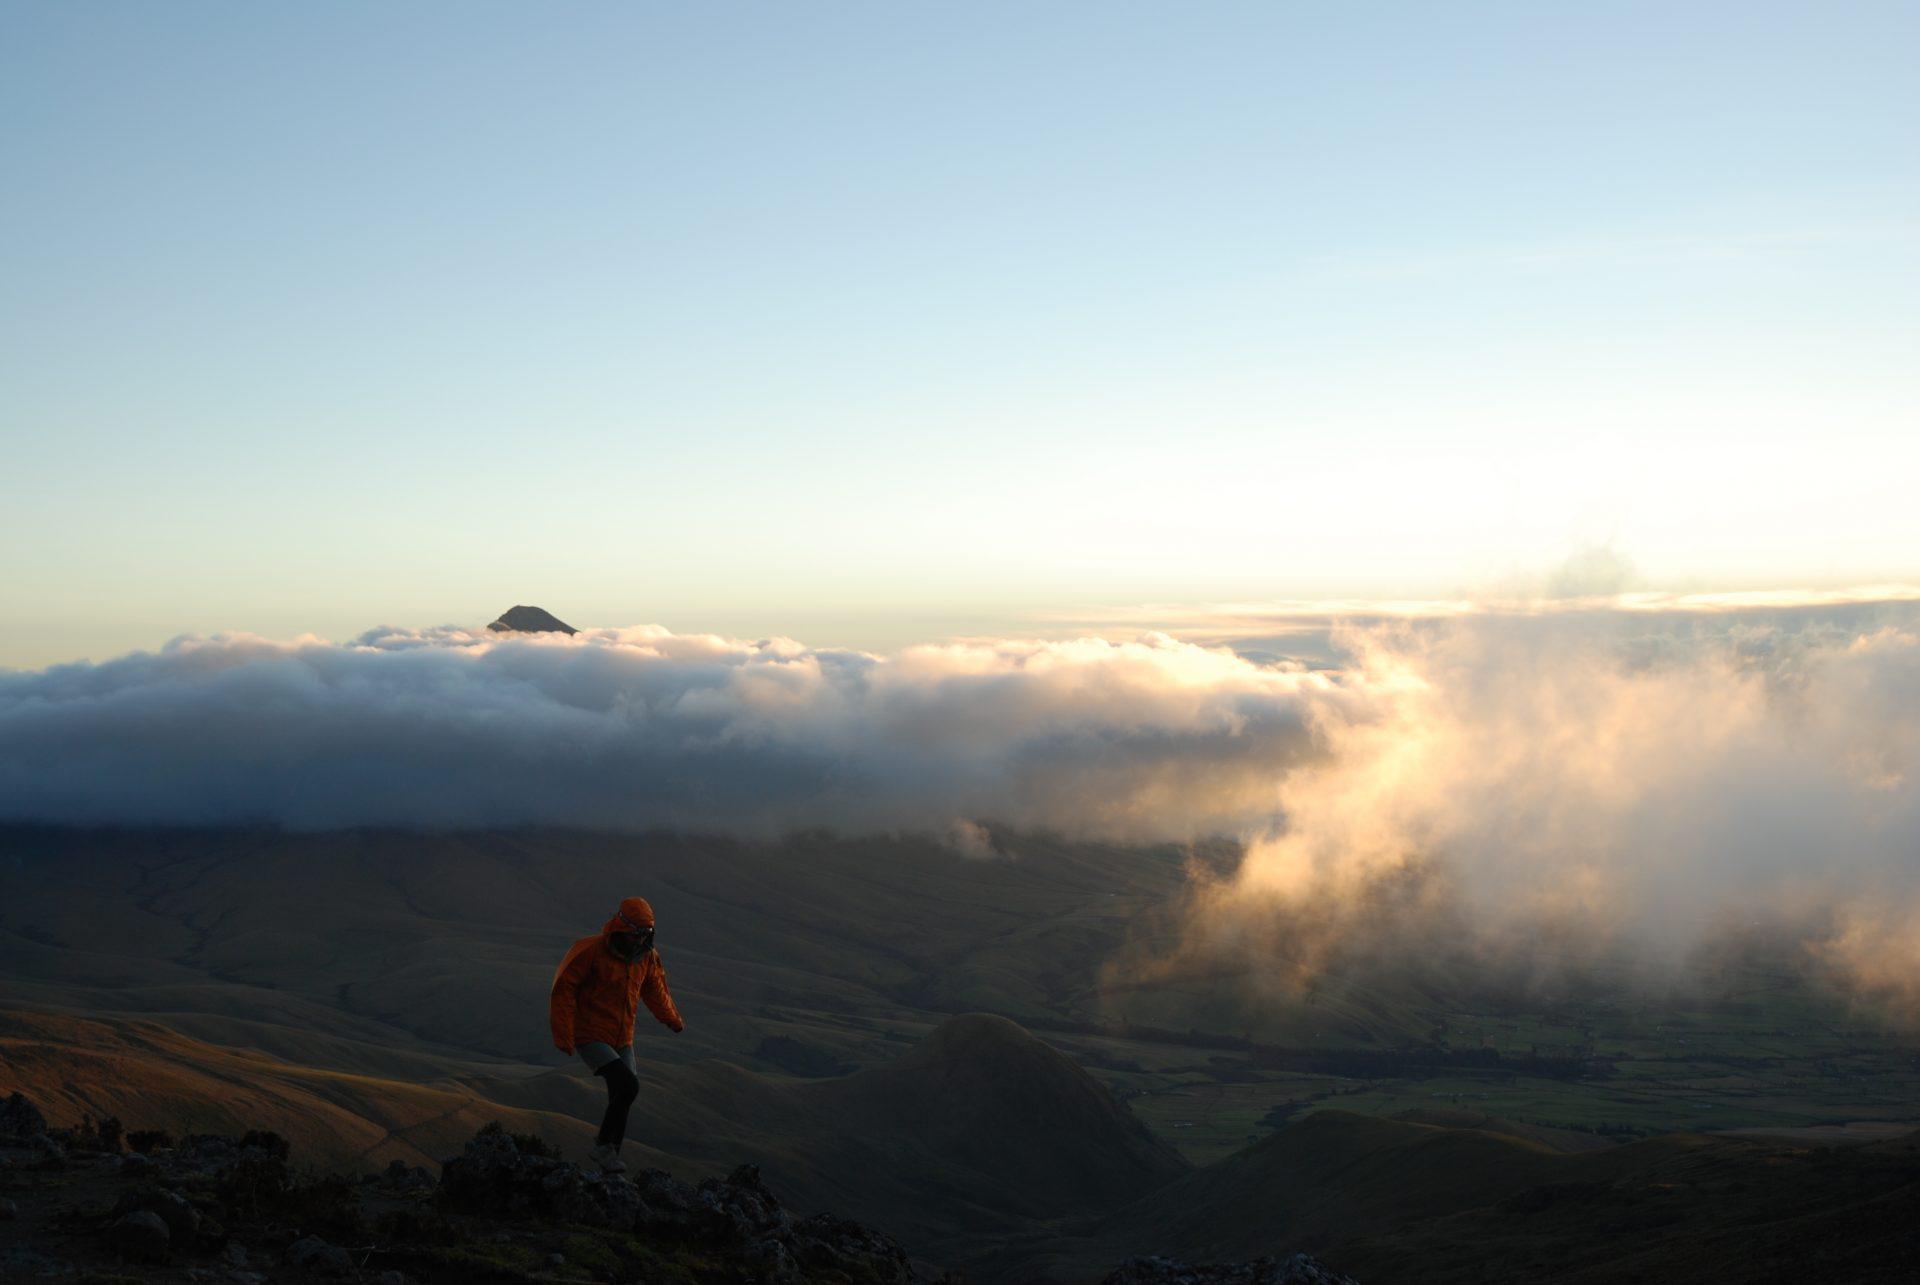 Equateur - Ascension au lever du soleil